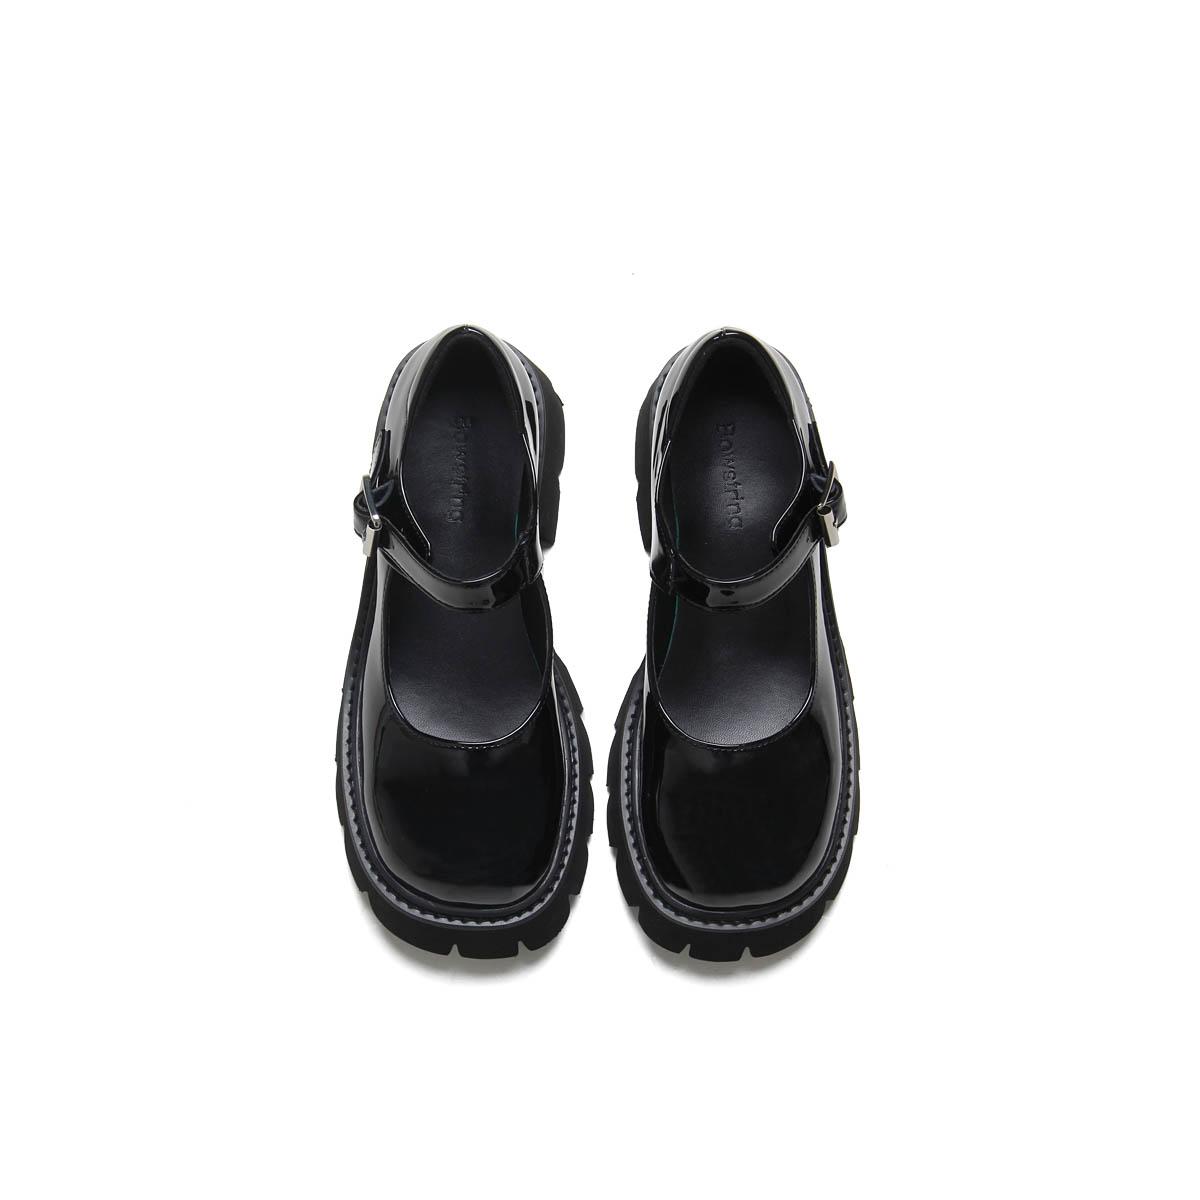 学院风松糕鞋 BOWSTRING 19FW 漆皮厚底玛丽珍女鞋复古学院风松糕底浅口小皮鞋_推荐淘宝好看的学院风松糕鞋